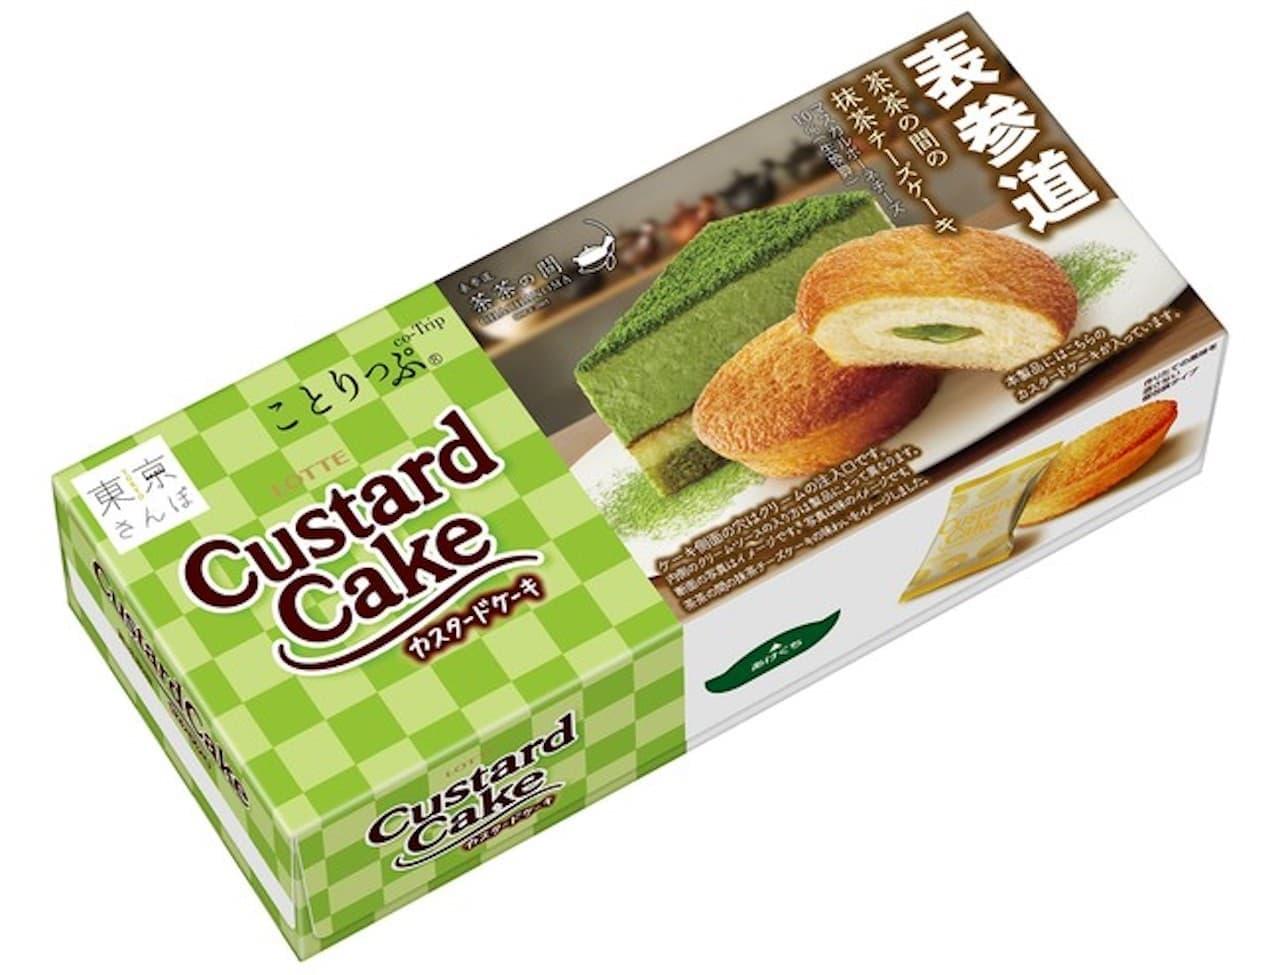 ロッテ「ことりっぷ カスタードケーキ<茶茶の間の抹茶チーズケーキ>」